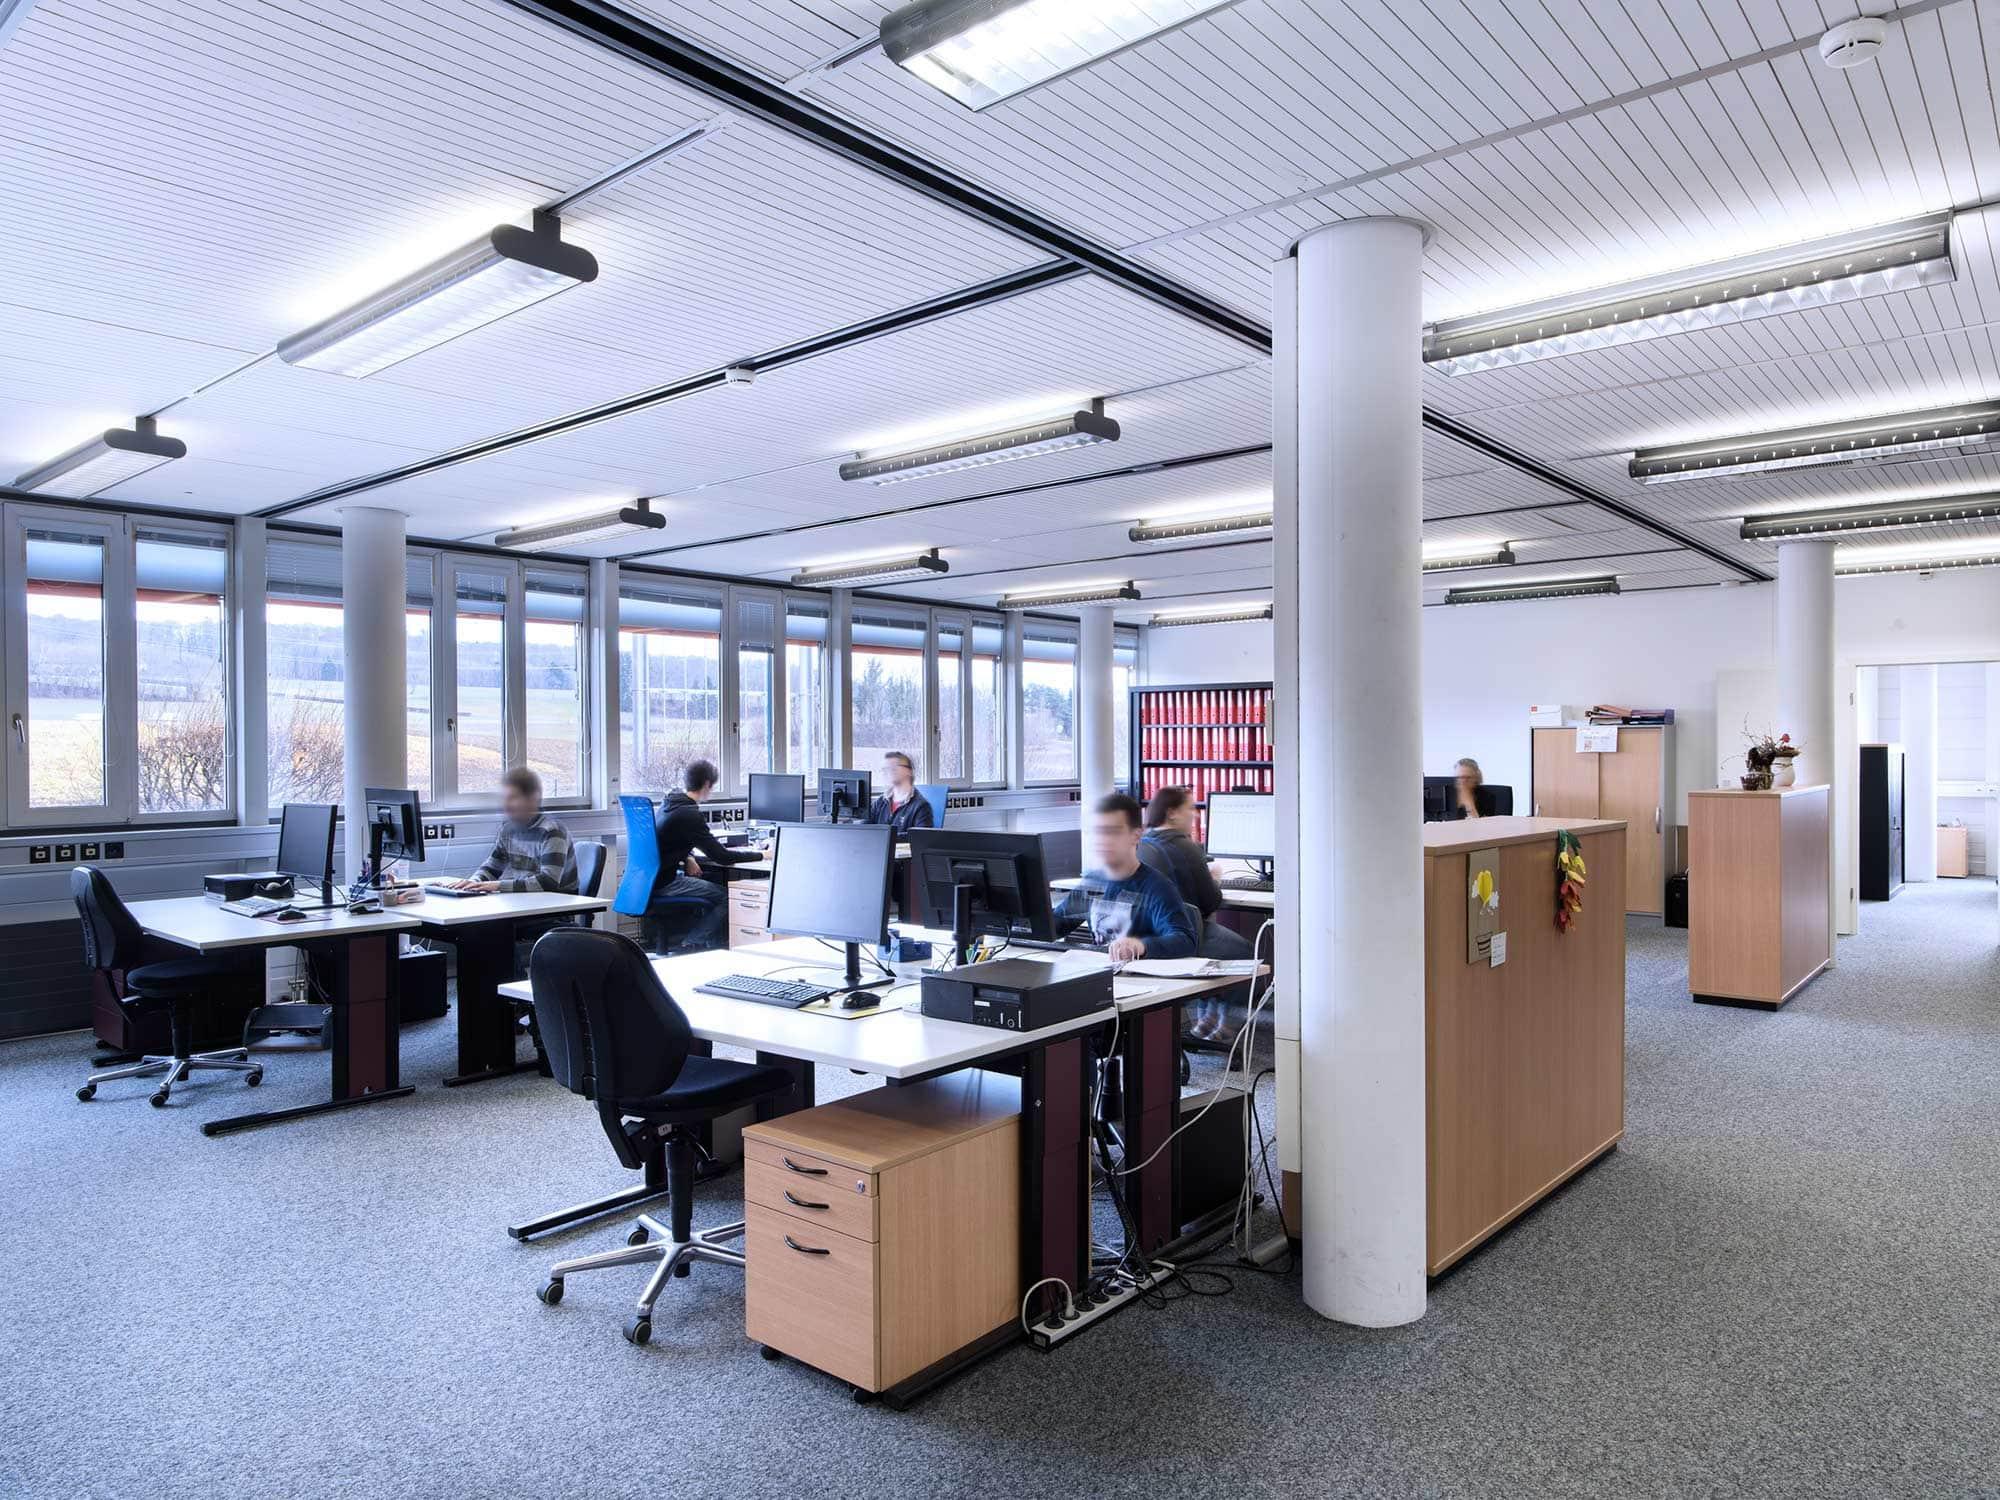 photos corporate d'employés de bureau au travail